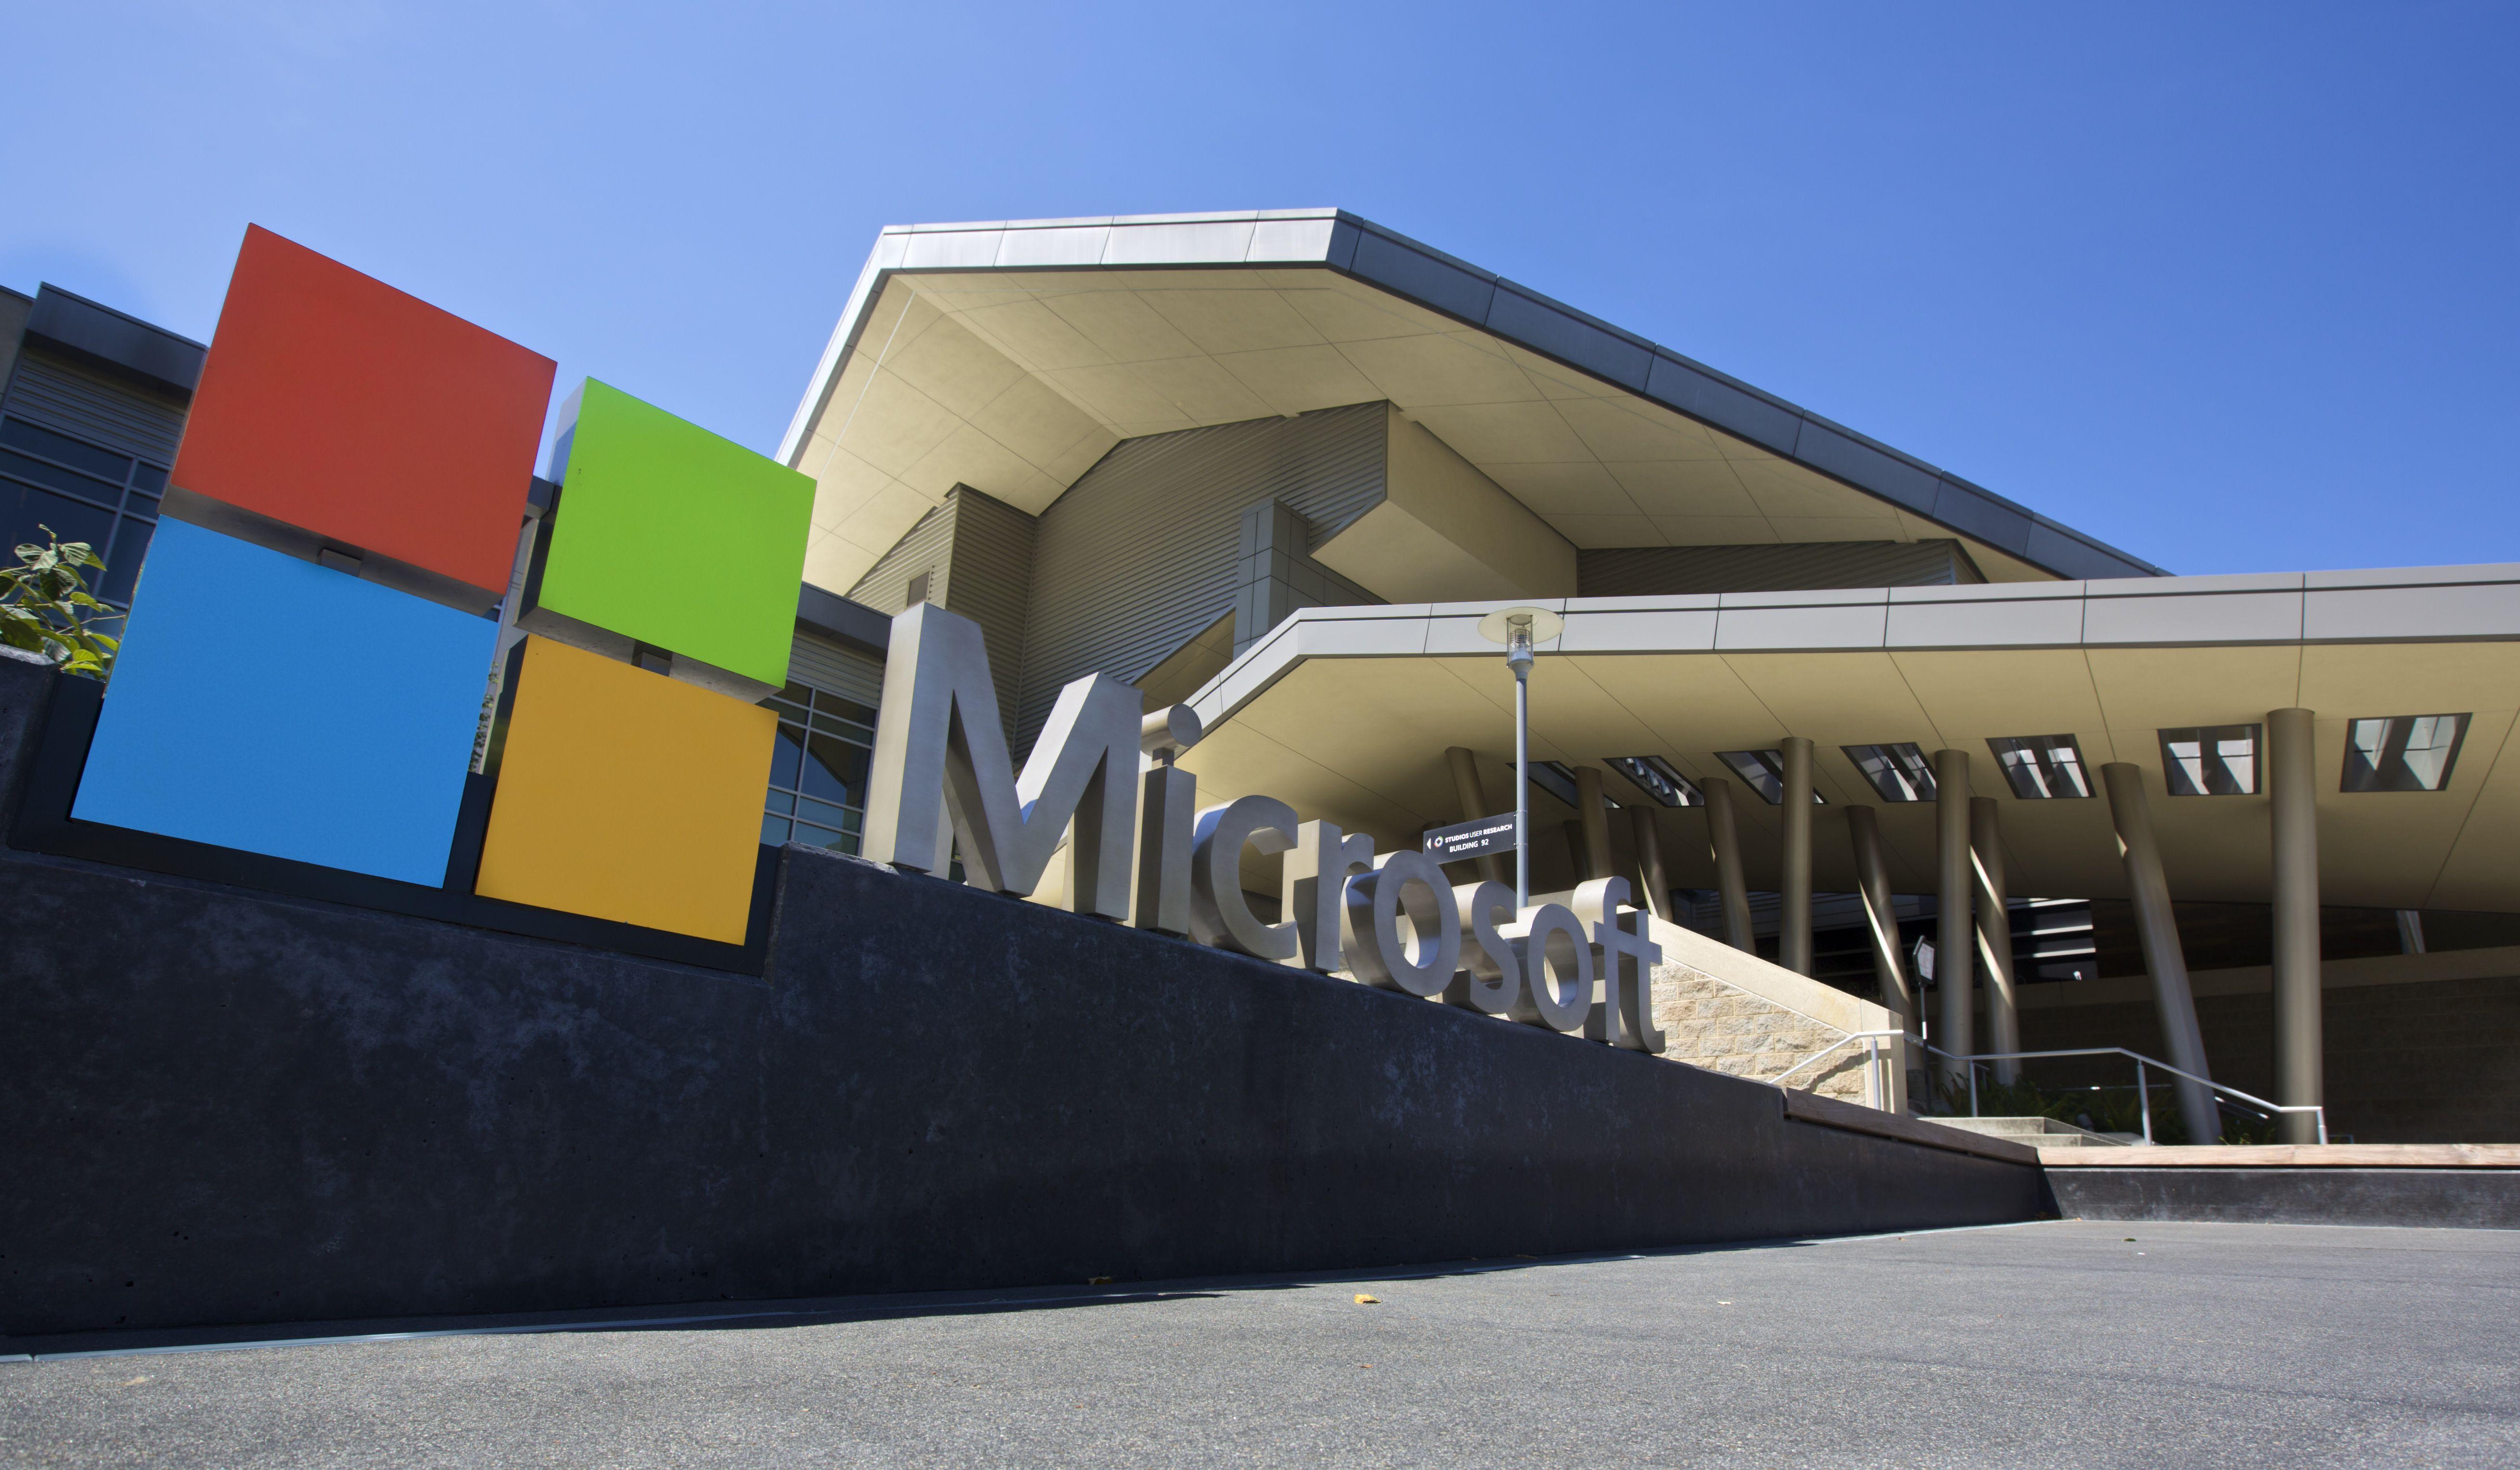 Centro de visitantes de la sede de Microsoft